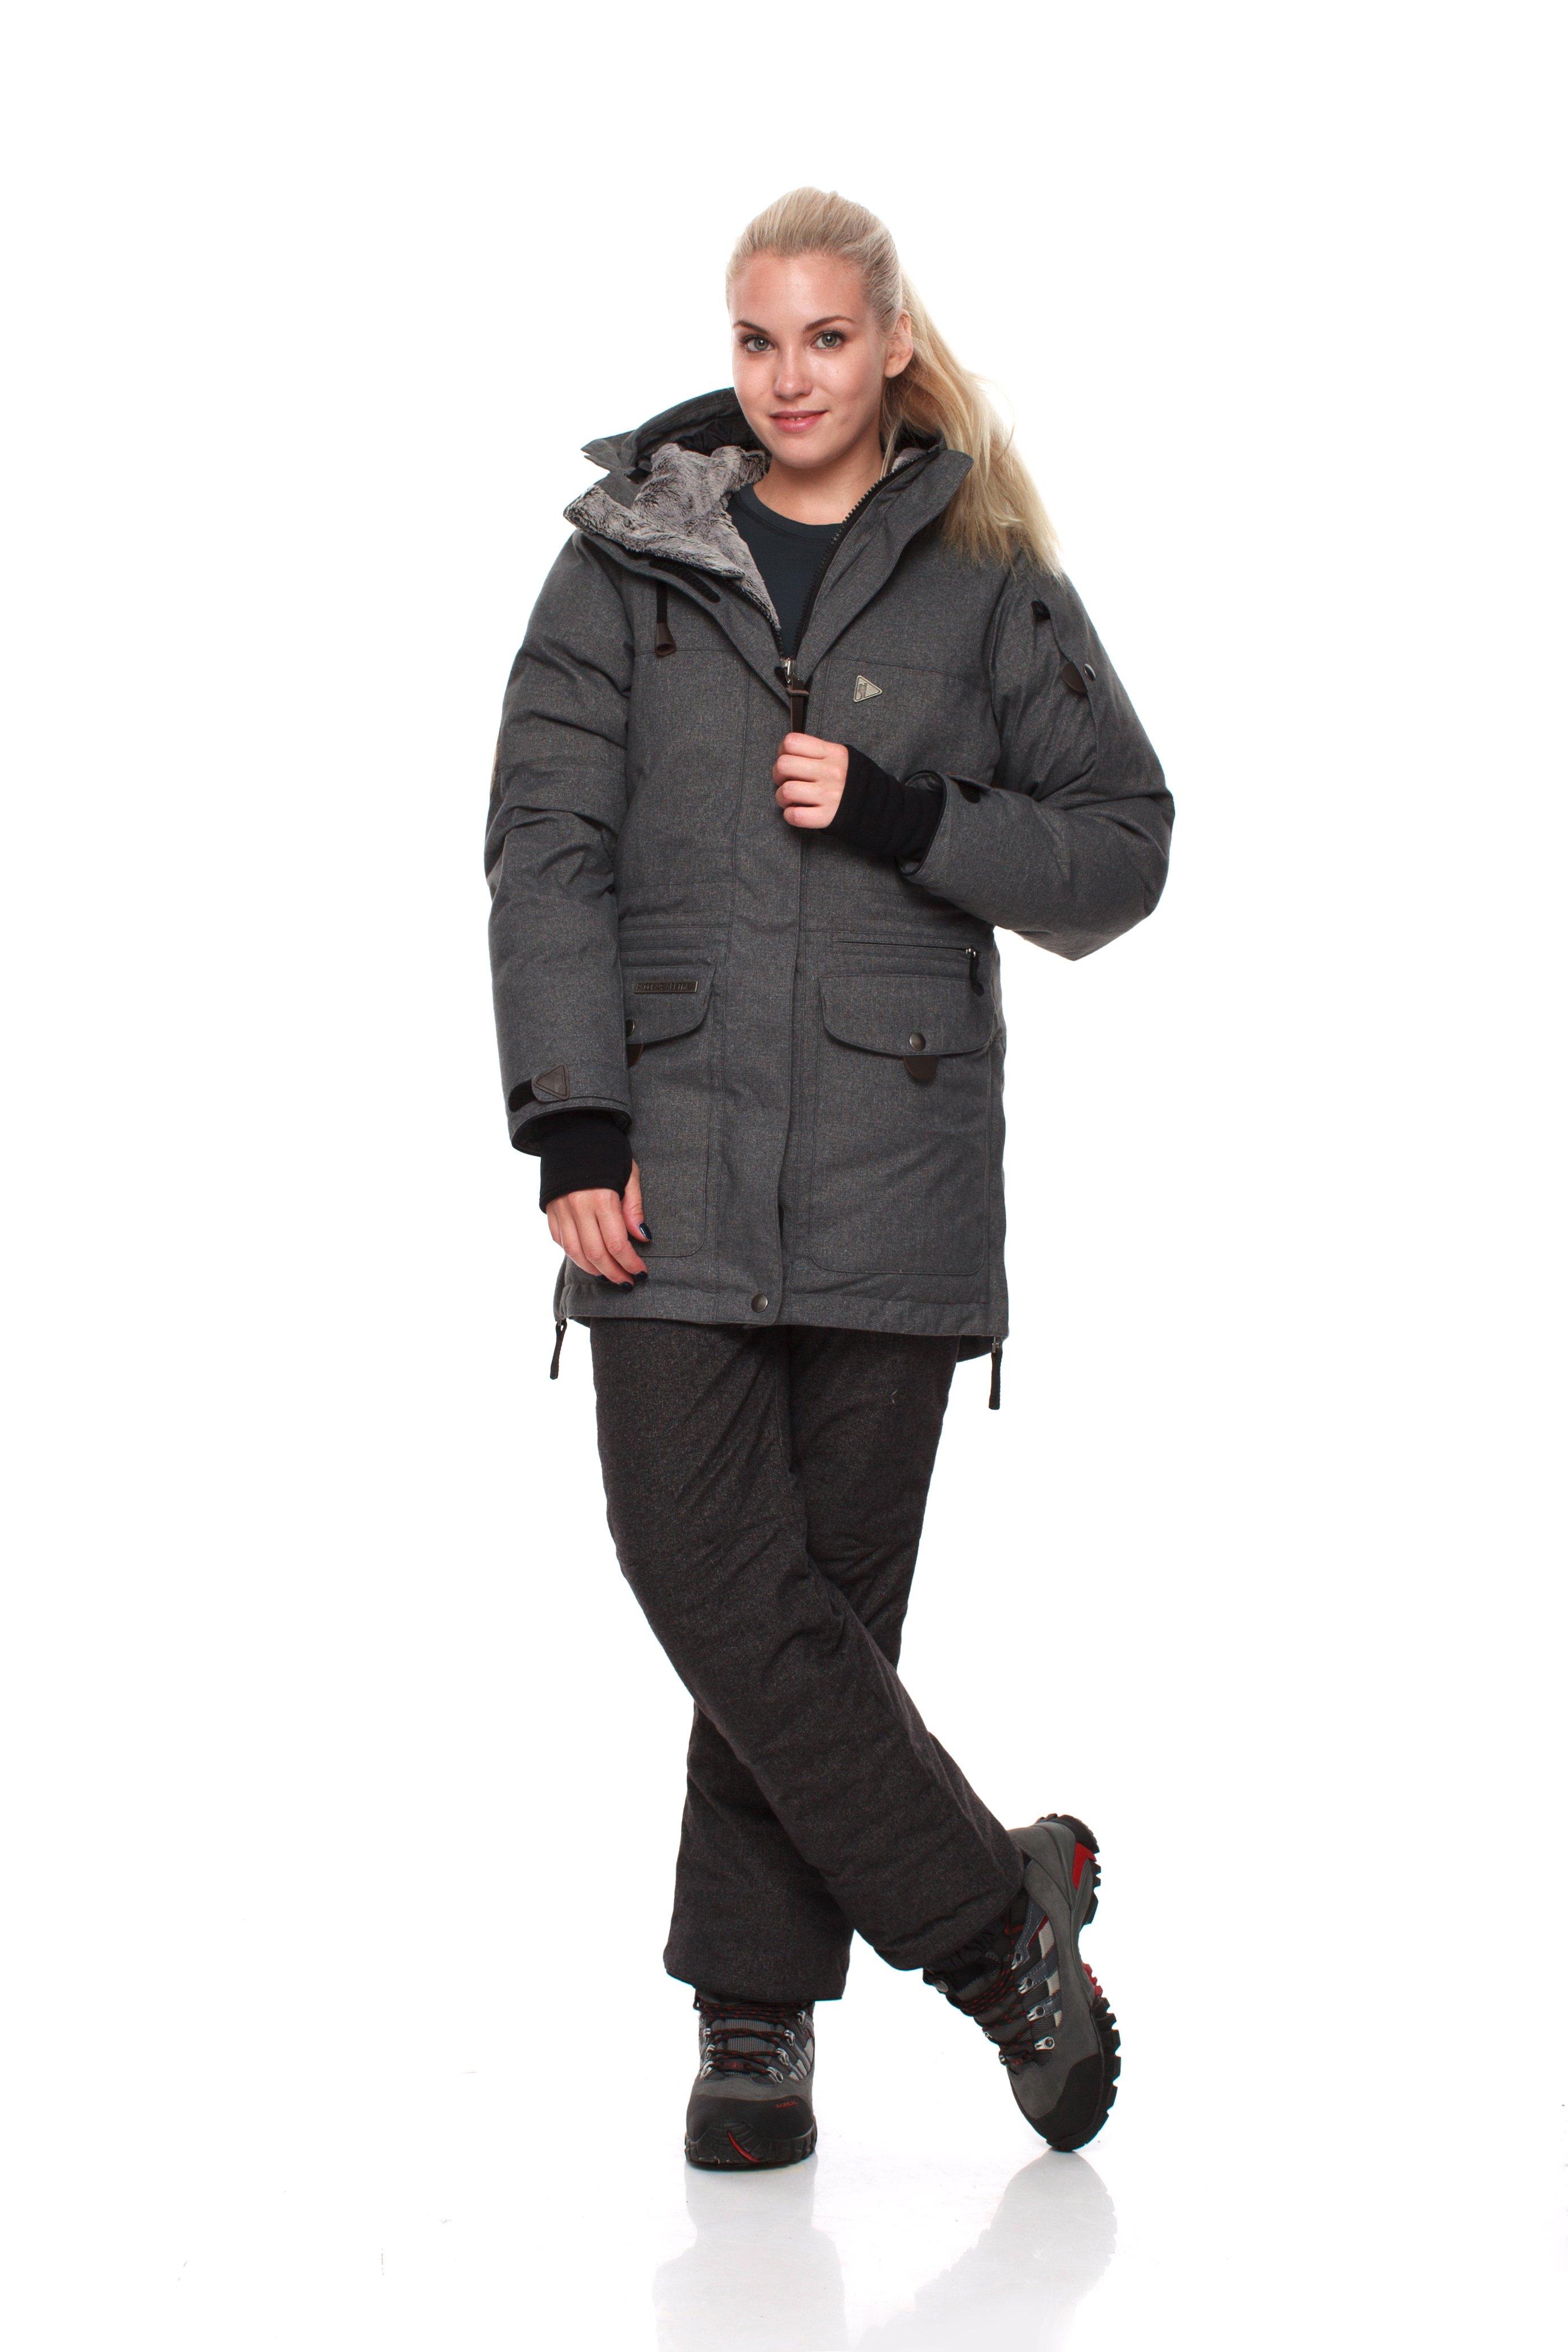 Пуховая куртка BASK IREMEL SOFT 3778AКуртки<br>Теплая женская зимняя пуховая куртка в стиле парка BASK IREMEL SOFT с мембранной тканью и температурным режимом -30 °С.<br><br>&quot;Дышащие&quot; свойства: Да<br>Верхняя ткань: Advance® Alaska Soft Melange<br>Вес граммы: 1950<br>Вес утеплителя: 420<br>Ветро-влагозащитные свойства верхней ткани: Да<br>Ветрозащитная планка: Да<br>Ветрозащитная юбка: Да<br>Влагозащитные молнии: Нет<br>Внутренние манжеты: Да<br>Внутренняя ткань: Advance® Classic<br>Водонепроницаемость: 5000<br>Дублирующий центральную молнию клапан: Да<br>Защитный козырёк капюшона: Нет<br>Капюшон: Несъемный<br>Карман для средств связи: Нет<br>Количество внешних карманов: 8<br>Количество внутренних карманов: 2<br>Мембрана: Да<br>Объемный крой локтевой зоны: Да<br>Отстёгивающиеся рукава: Нет<br>Паропроницаемость: 10000<br>Показатель Fill Power (для пуховых изделий): 650<br>Пол: Женский<br>Проклейка швов: Нет<br>Регулировка манжетов рукавов: Да<br>Регулировка низа: Нет<br>Регулировка объёма капюшона: Да<br>Регулировка талии: Нет<br>Регулируемые вентиляционные отверстия: Нет<br>Световозвращающая лента: Нет<br>Температурный режим: -30<br>Технология Thermal Welding: Нет<br>Технология швов: Простые<br>Тип молнии: Двухзамковая<br>Тип утеплителя: Натуральный<br>Ткань усиления: Нет<br>Усиление контактных зон: Нет<br>Утеплитель: Гусиный пух<br>Размер INT: XS<br>Цвет: СЕРЫЙ